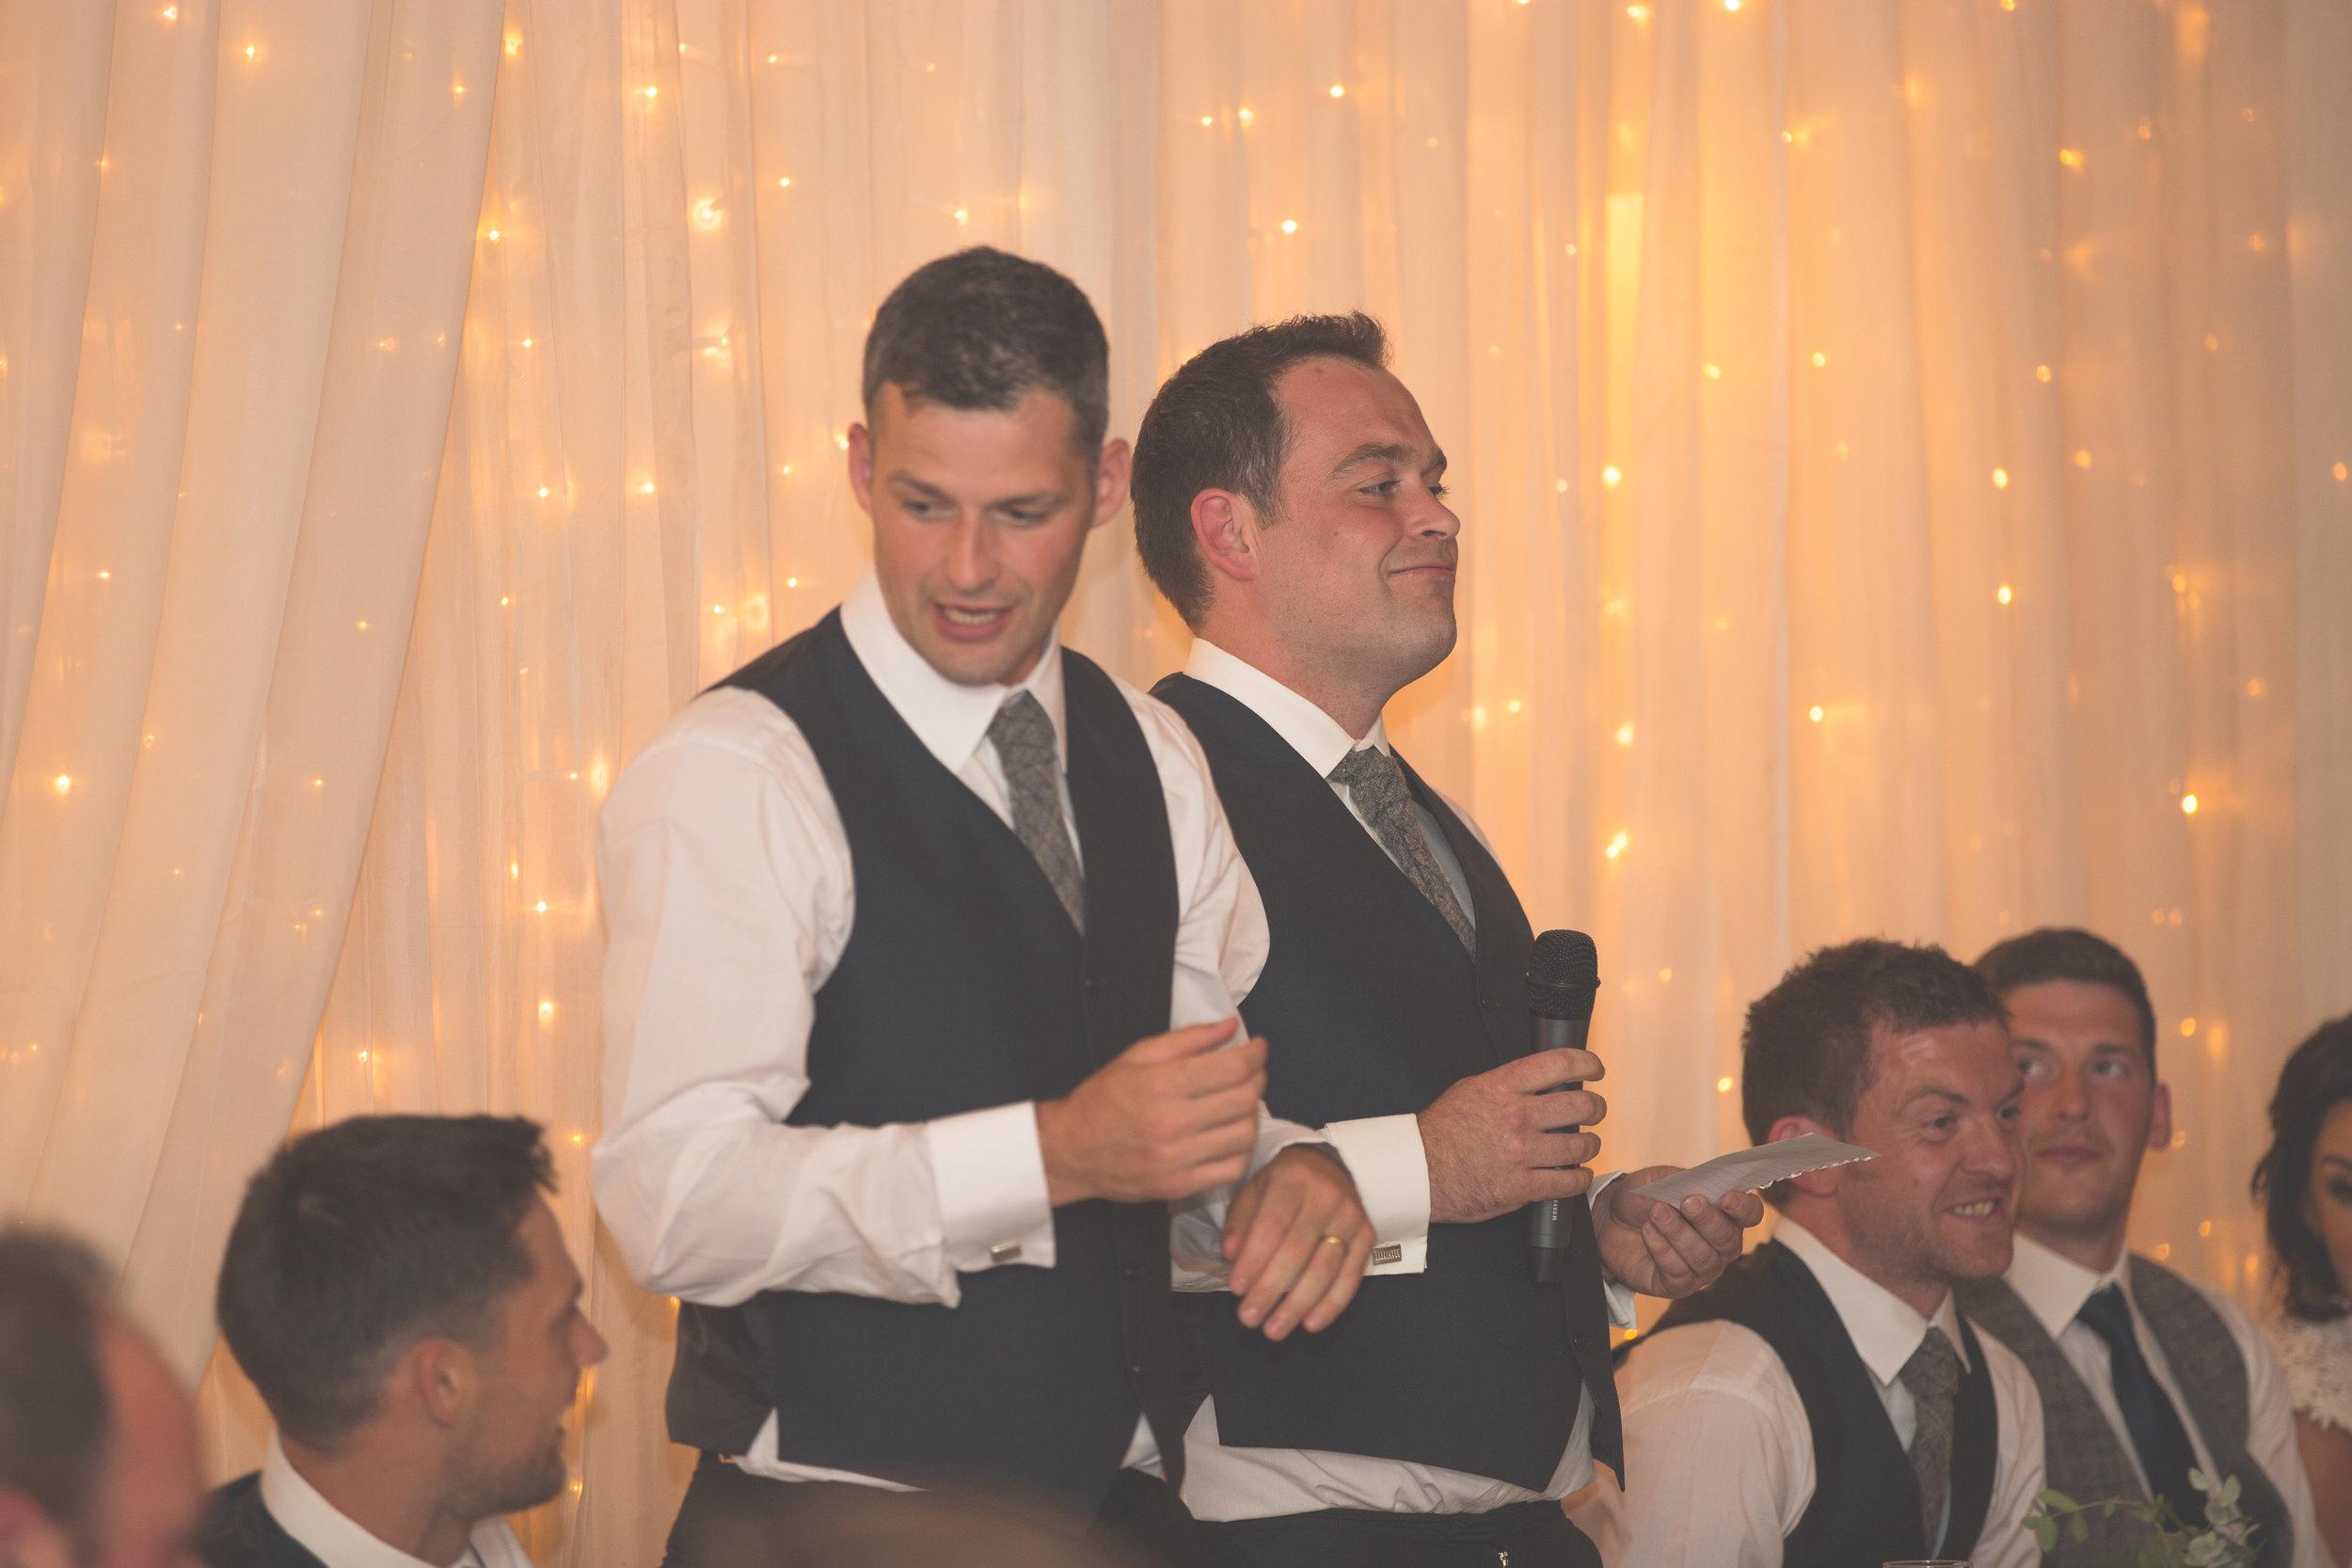 Brian McEwan Wedding Photography | Carol-Anne & Sean | The Speeches-106.jpg